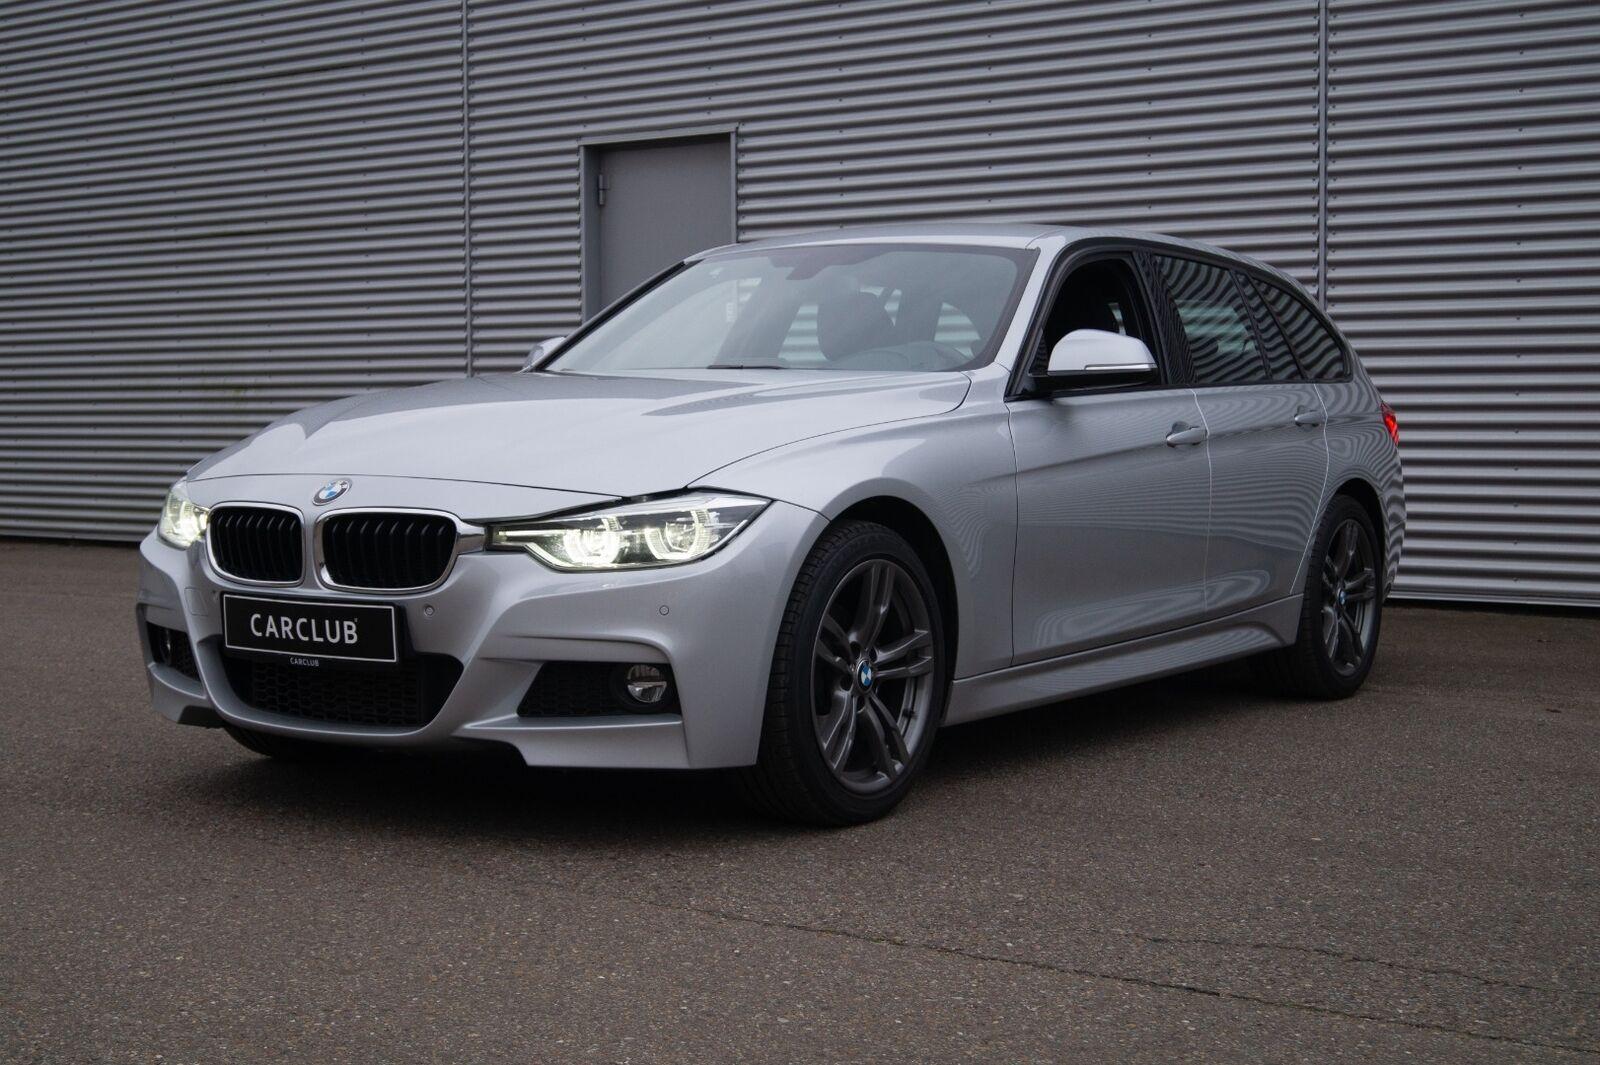 BMW 320d 2,0 Touring xDrive aut. 5d - 319.900 kr.